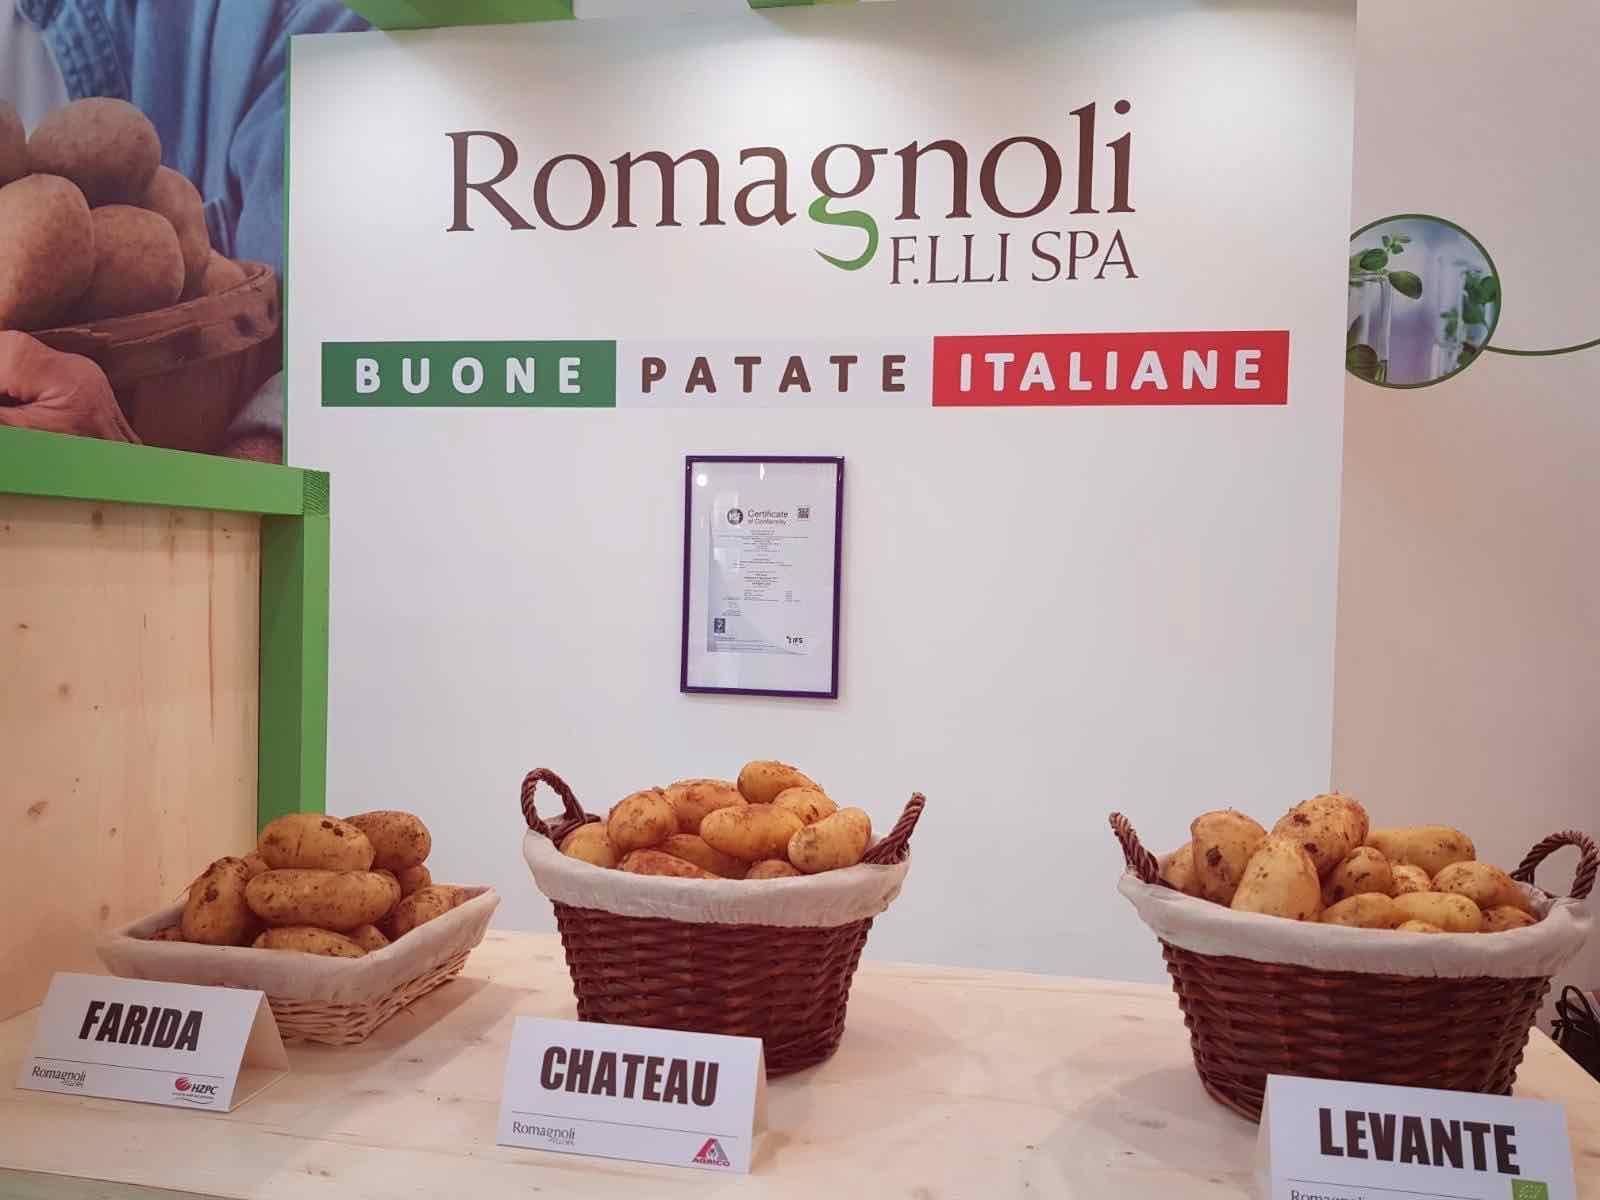 Romagnoli F.lli Spa